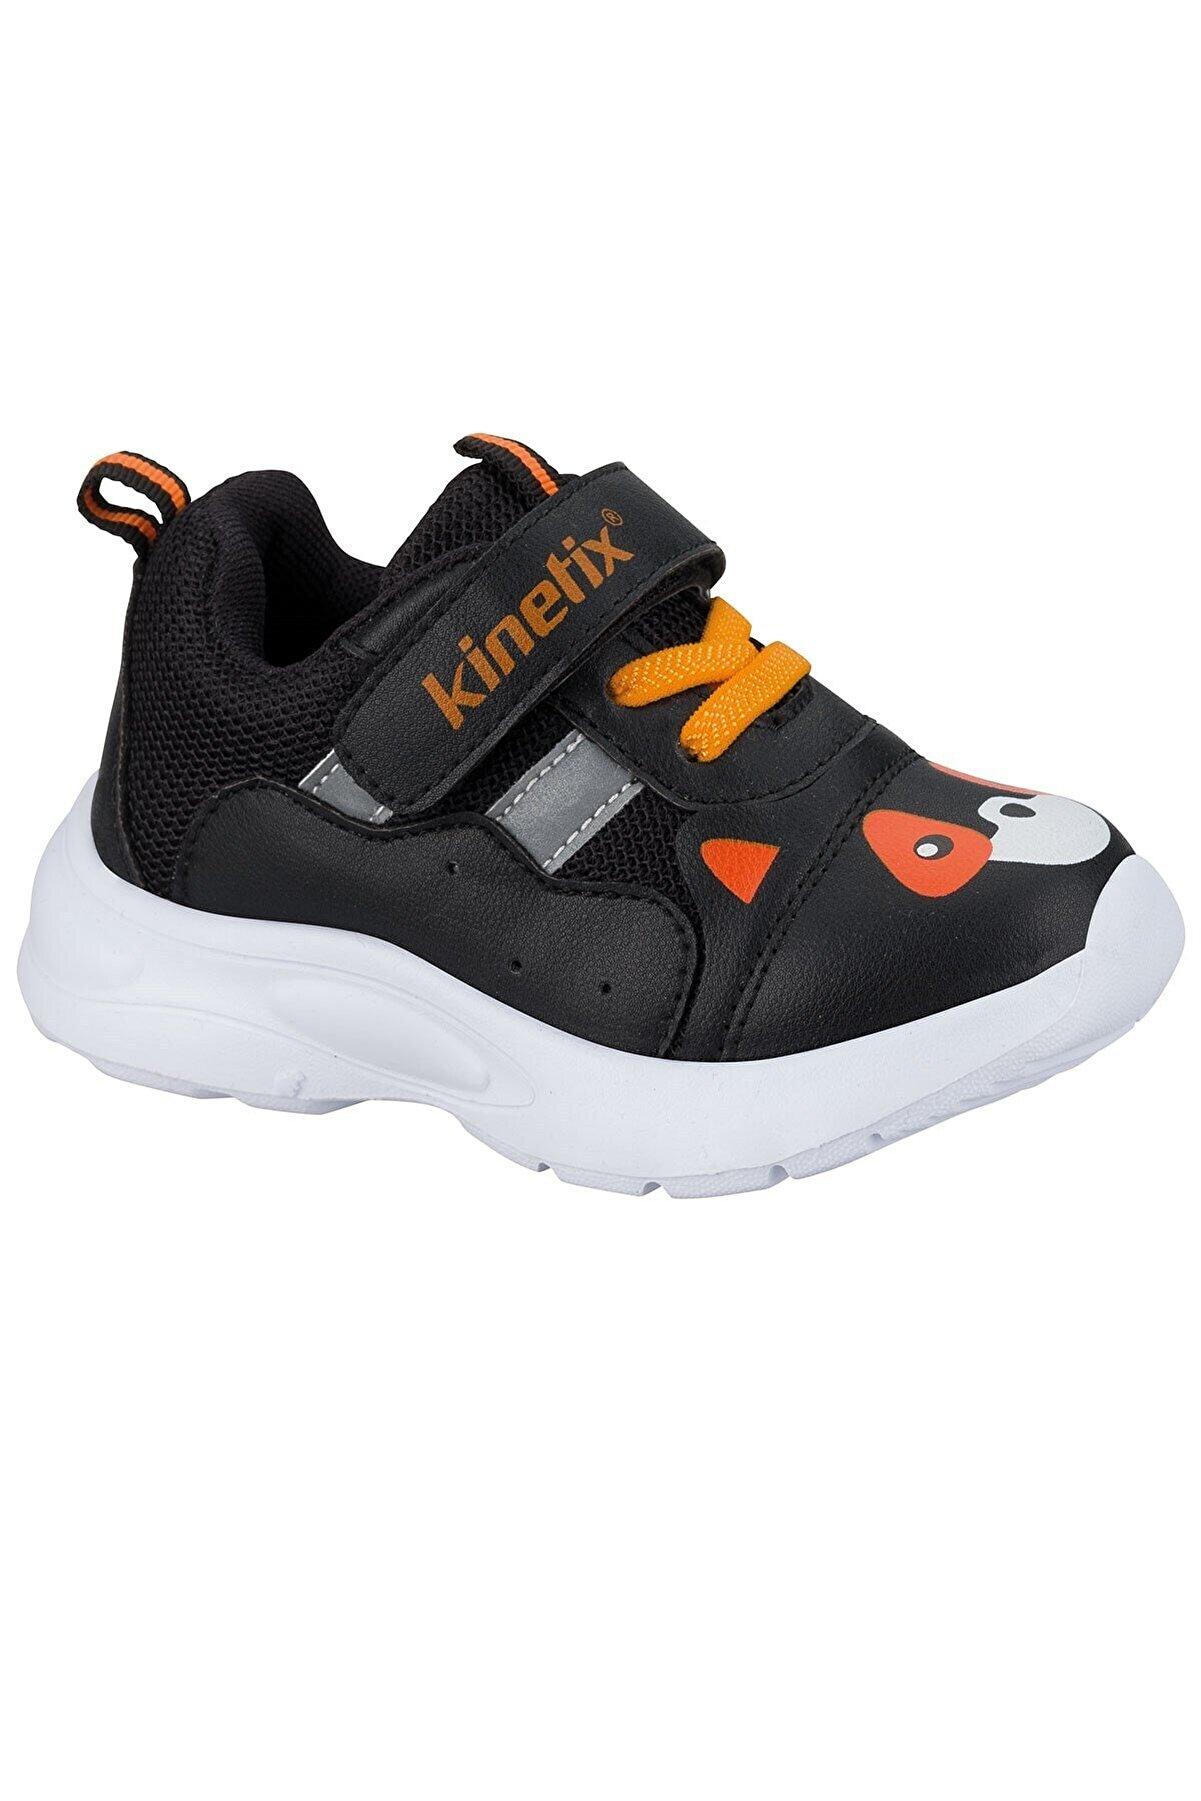 Kinetix TOYZ 1FX Siyah Erkek Çocuk Spor Ayakkabı 100606319